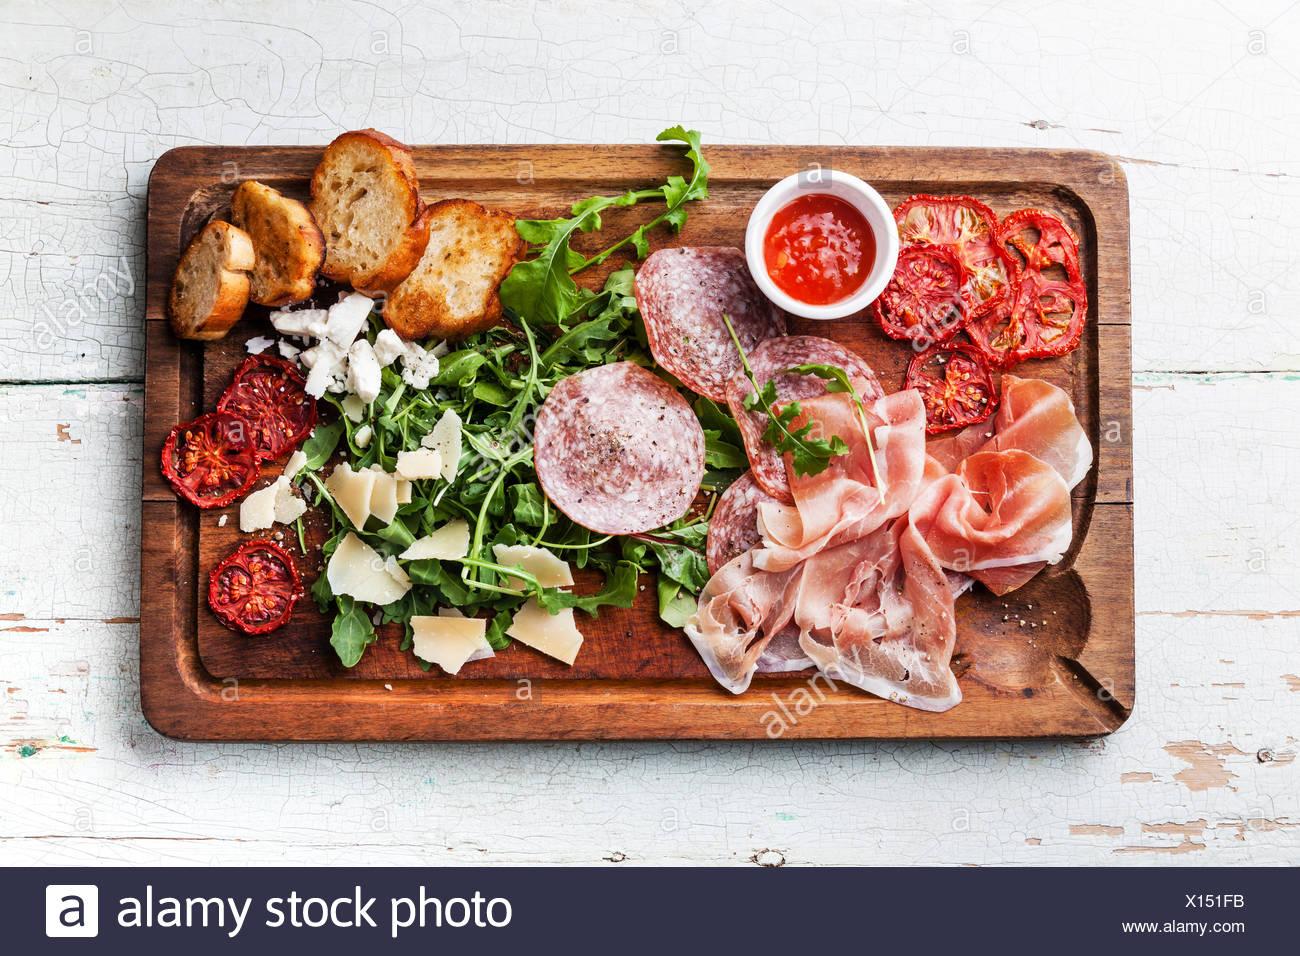 Plato de carne fría y pan sobre fondo de madera Imagen De Stock